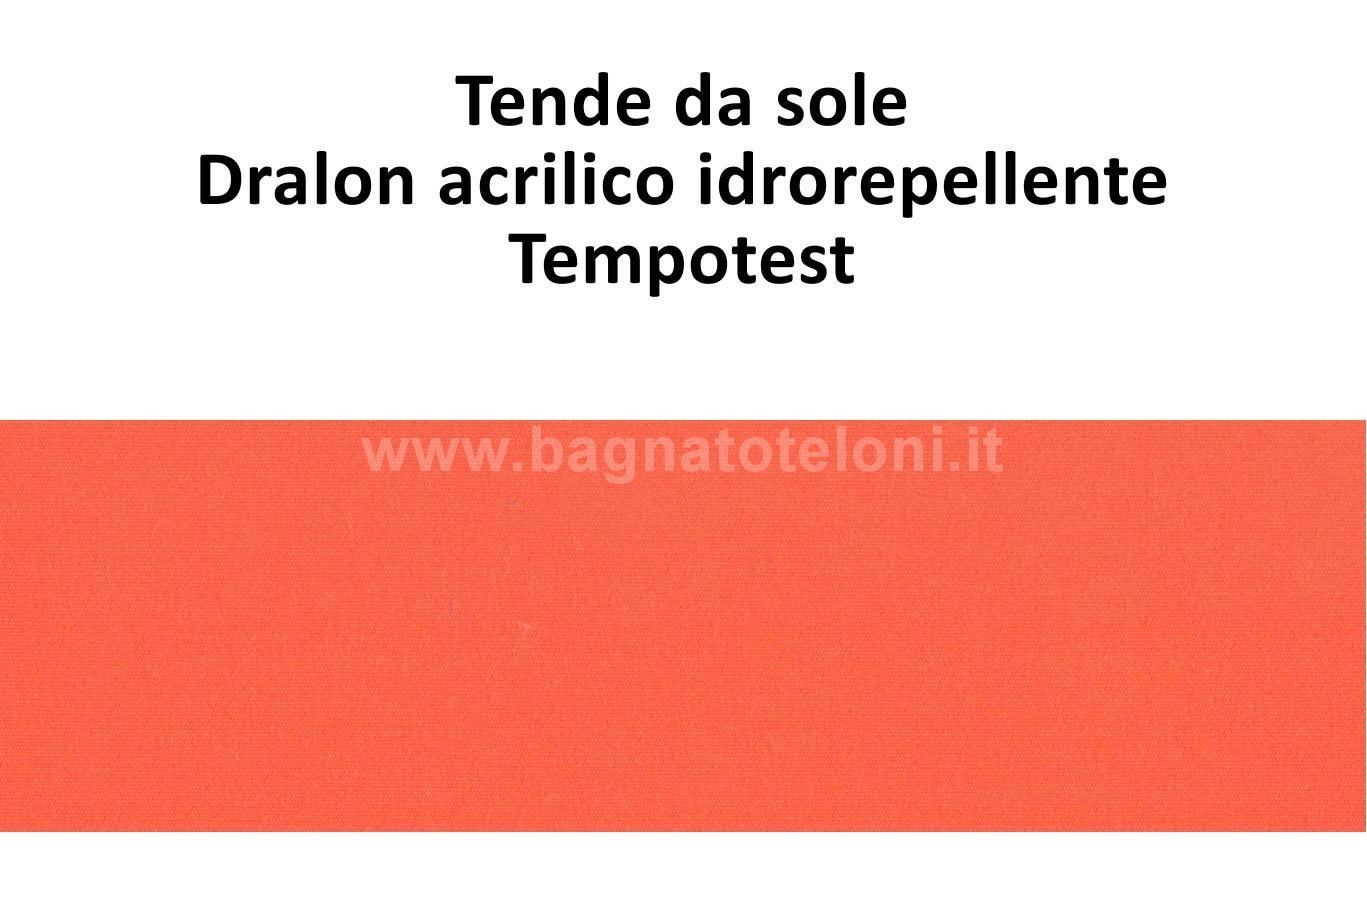 tende da sole dralon acrilico idrorepellente arancione